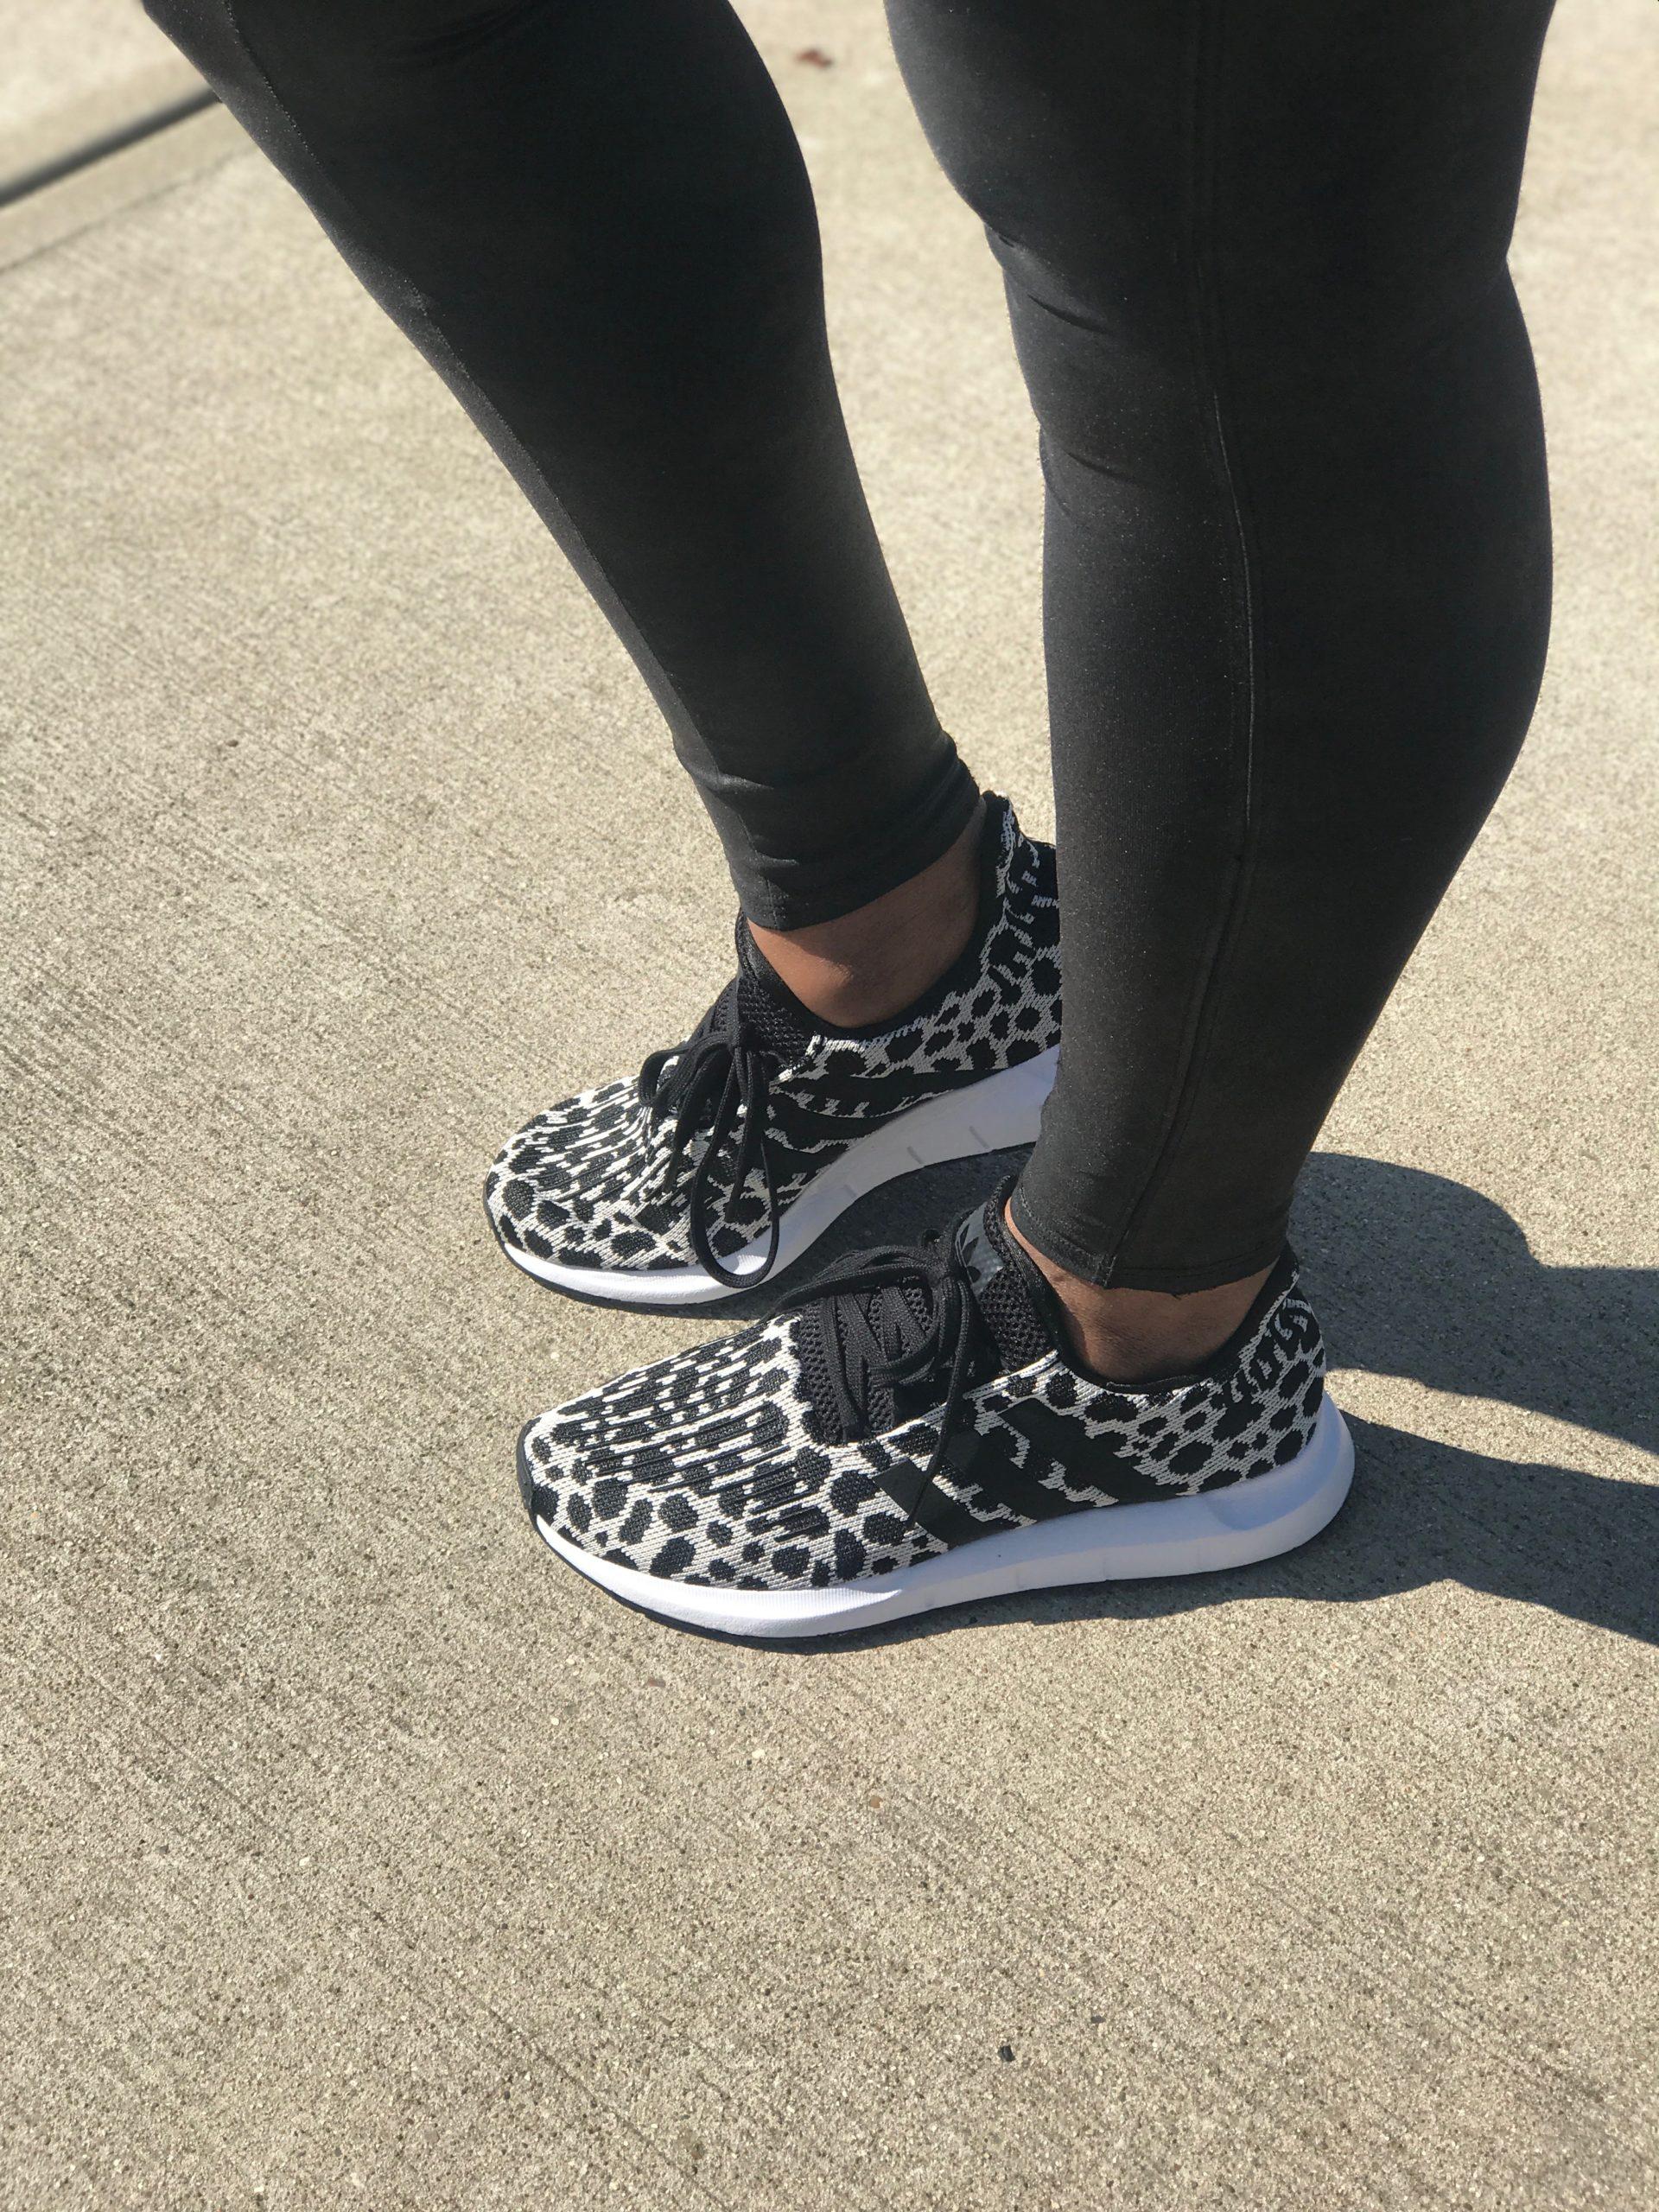 Adidas, Animal Print